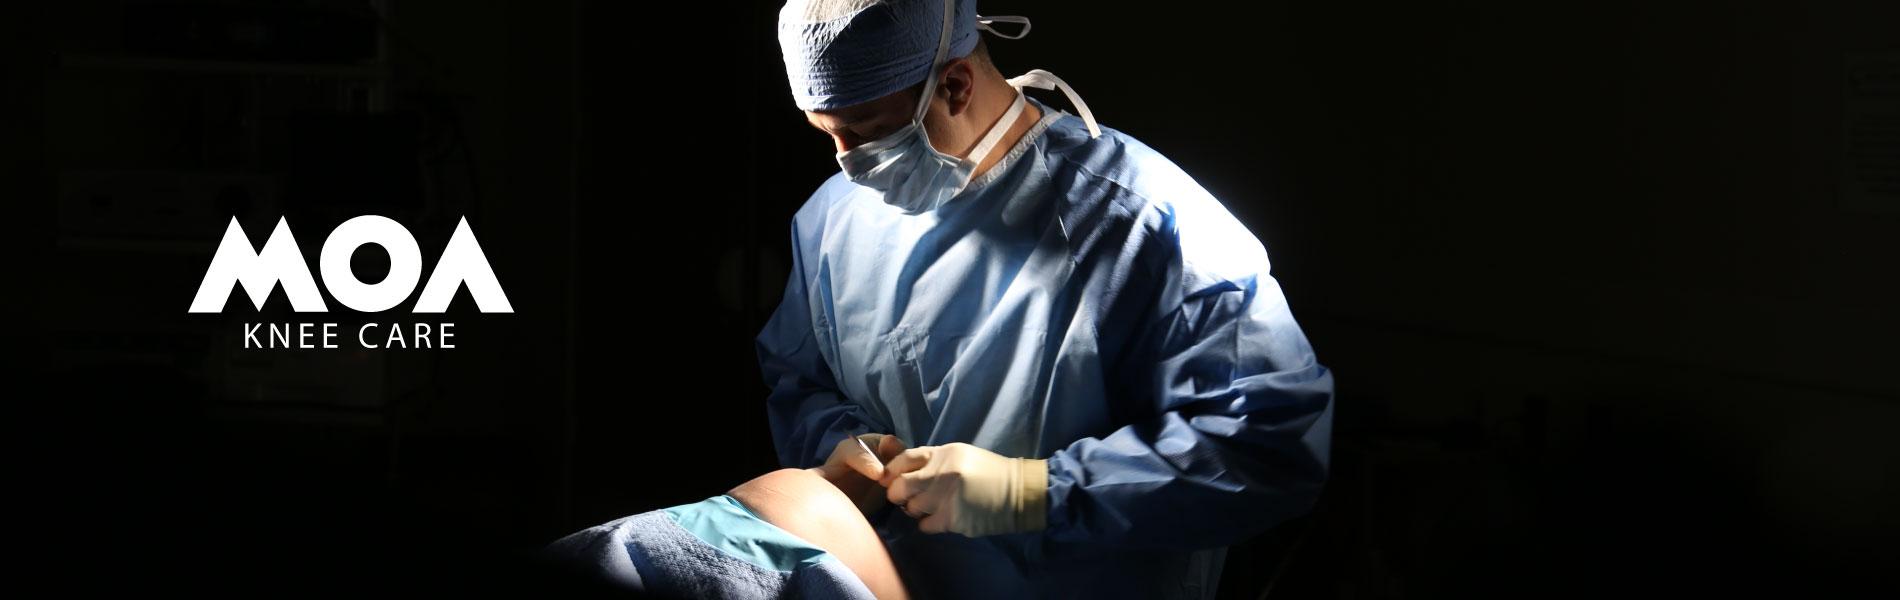 MOA Knee Care